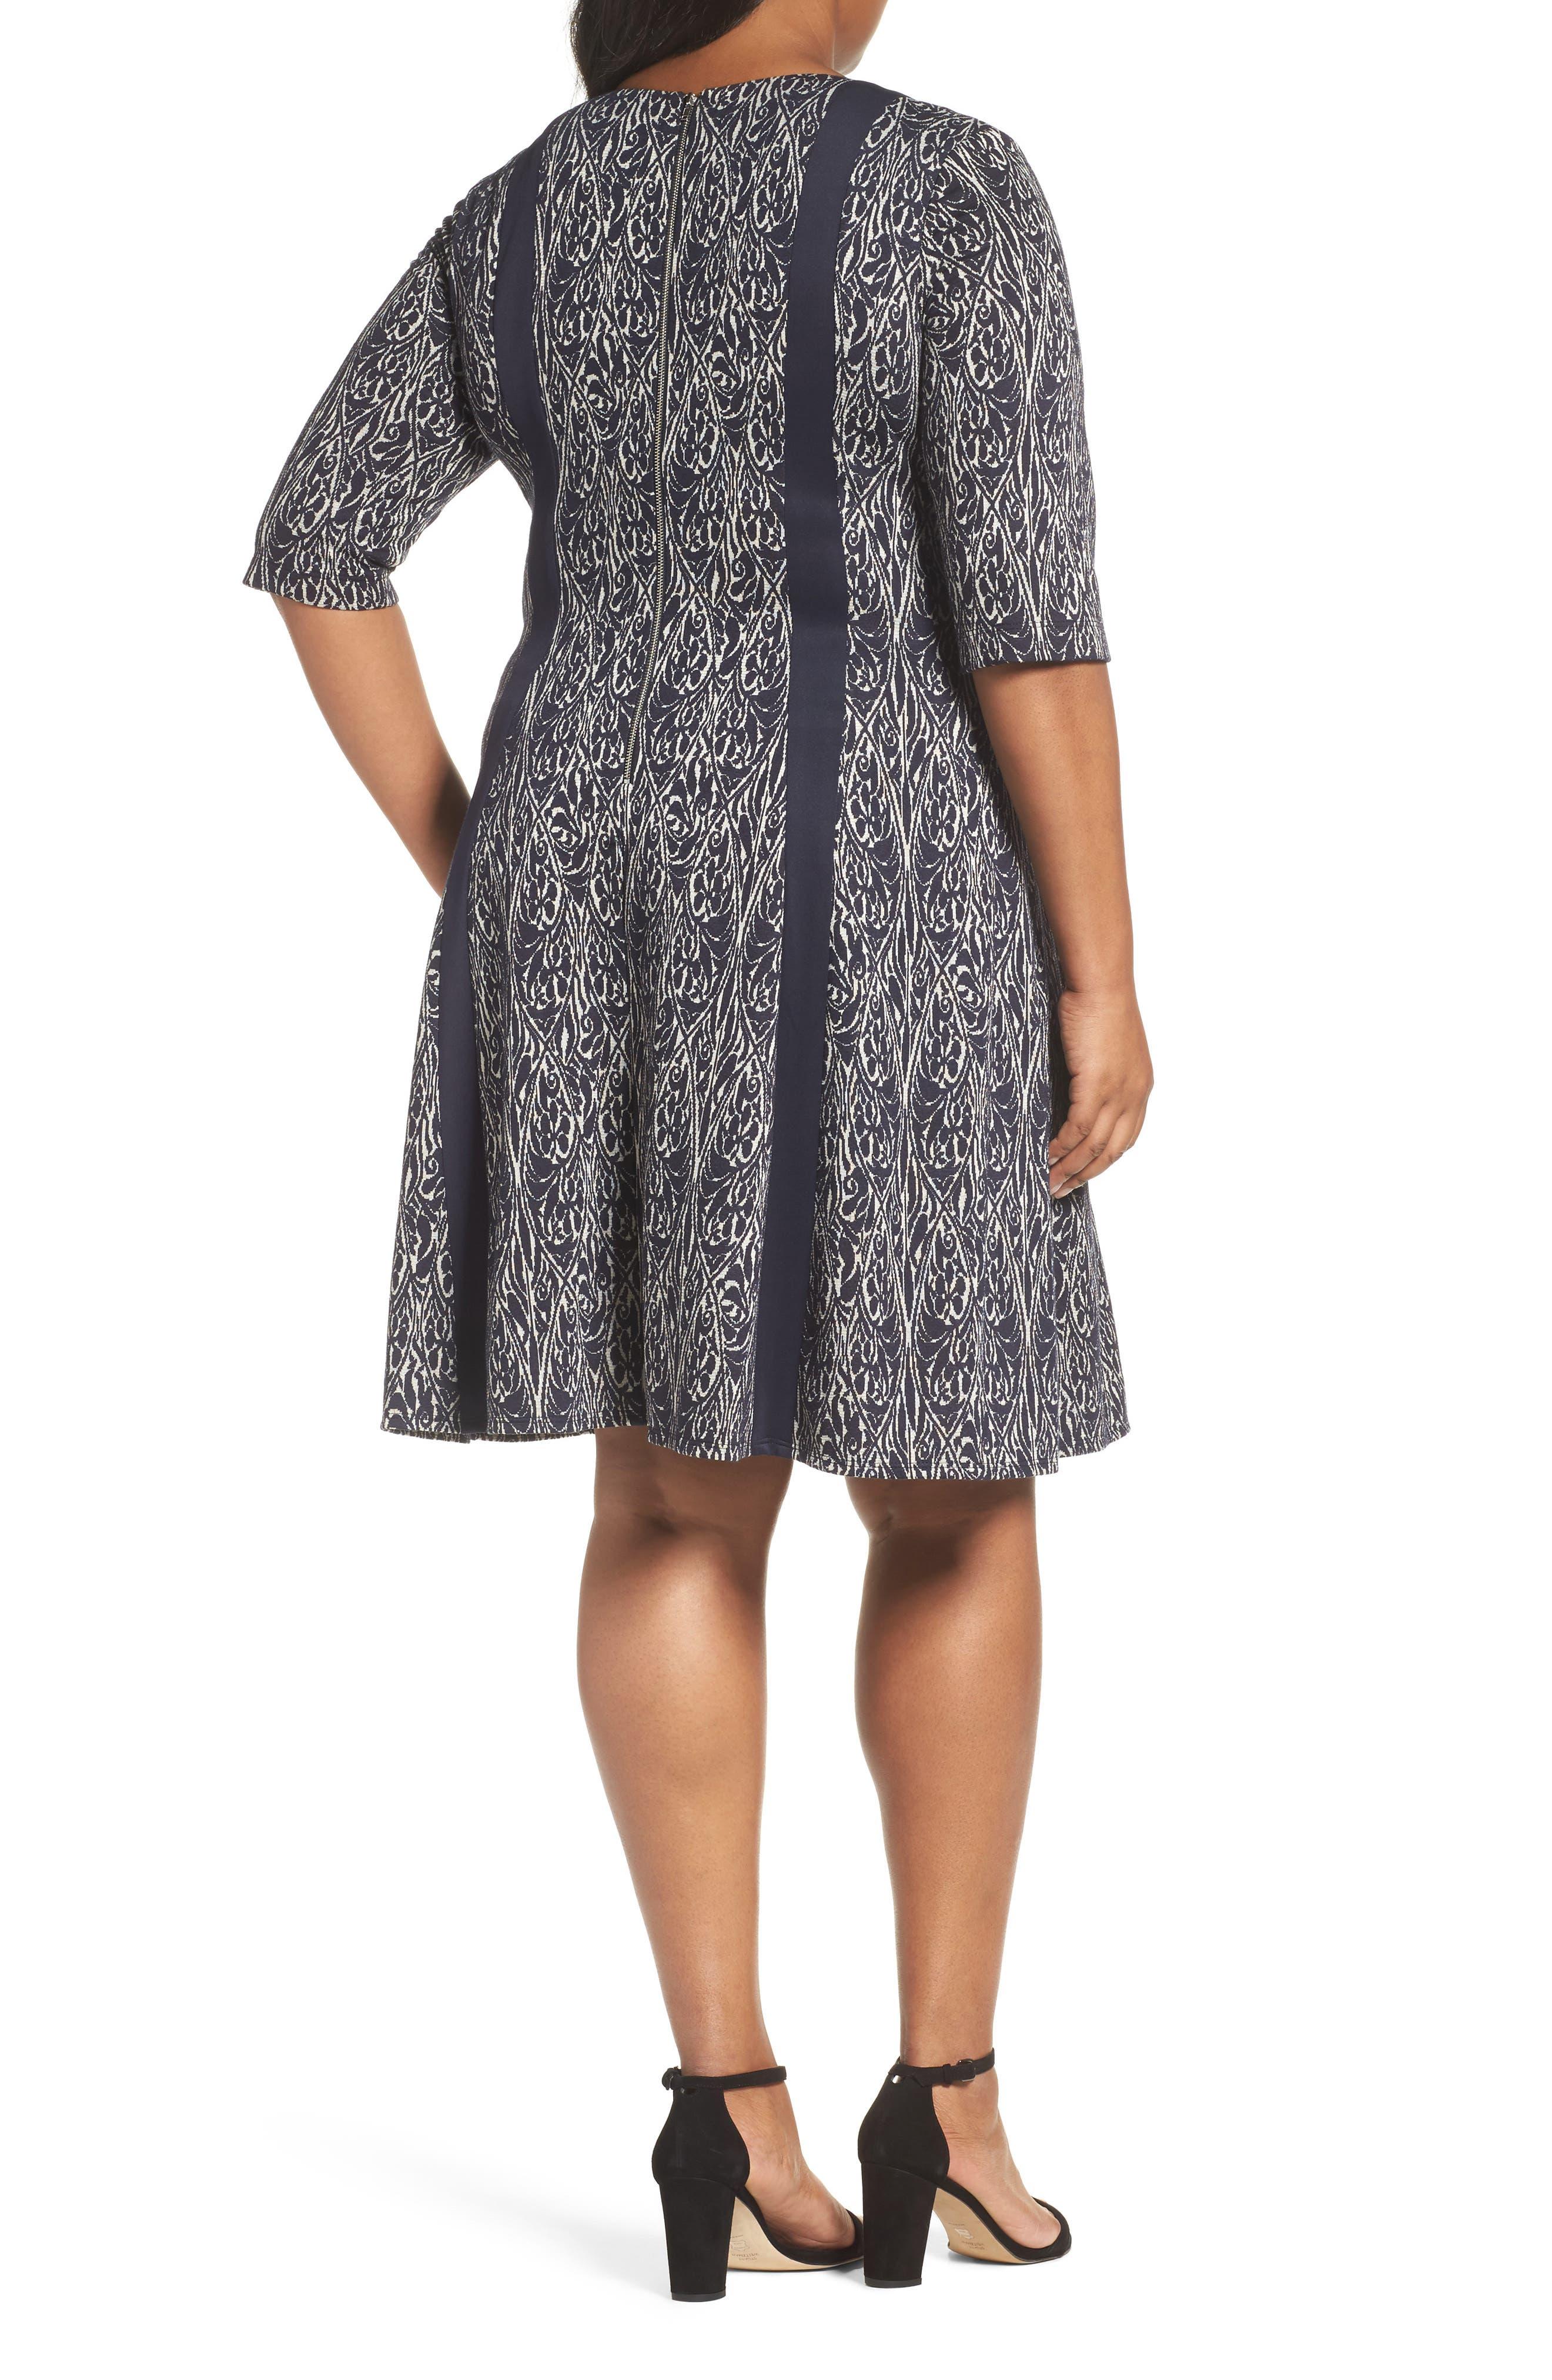 Jacquard Knit A-Line Dress,                             Alternate thumbnail 2, color,